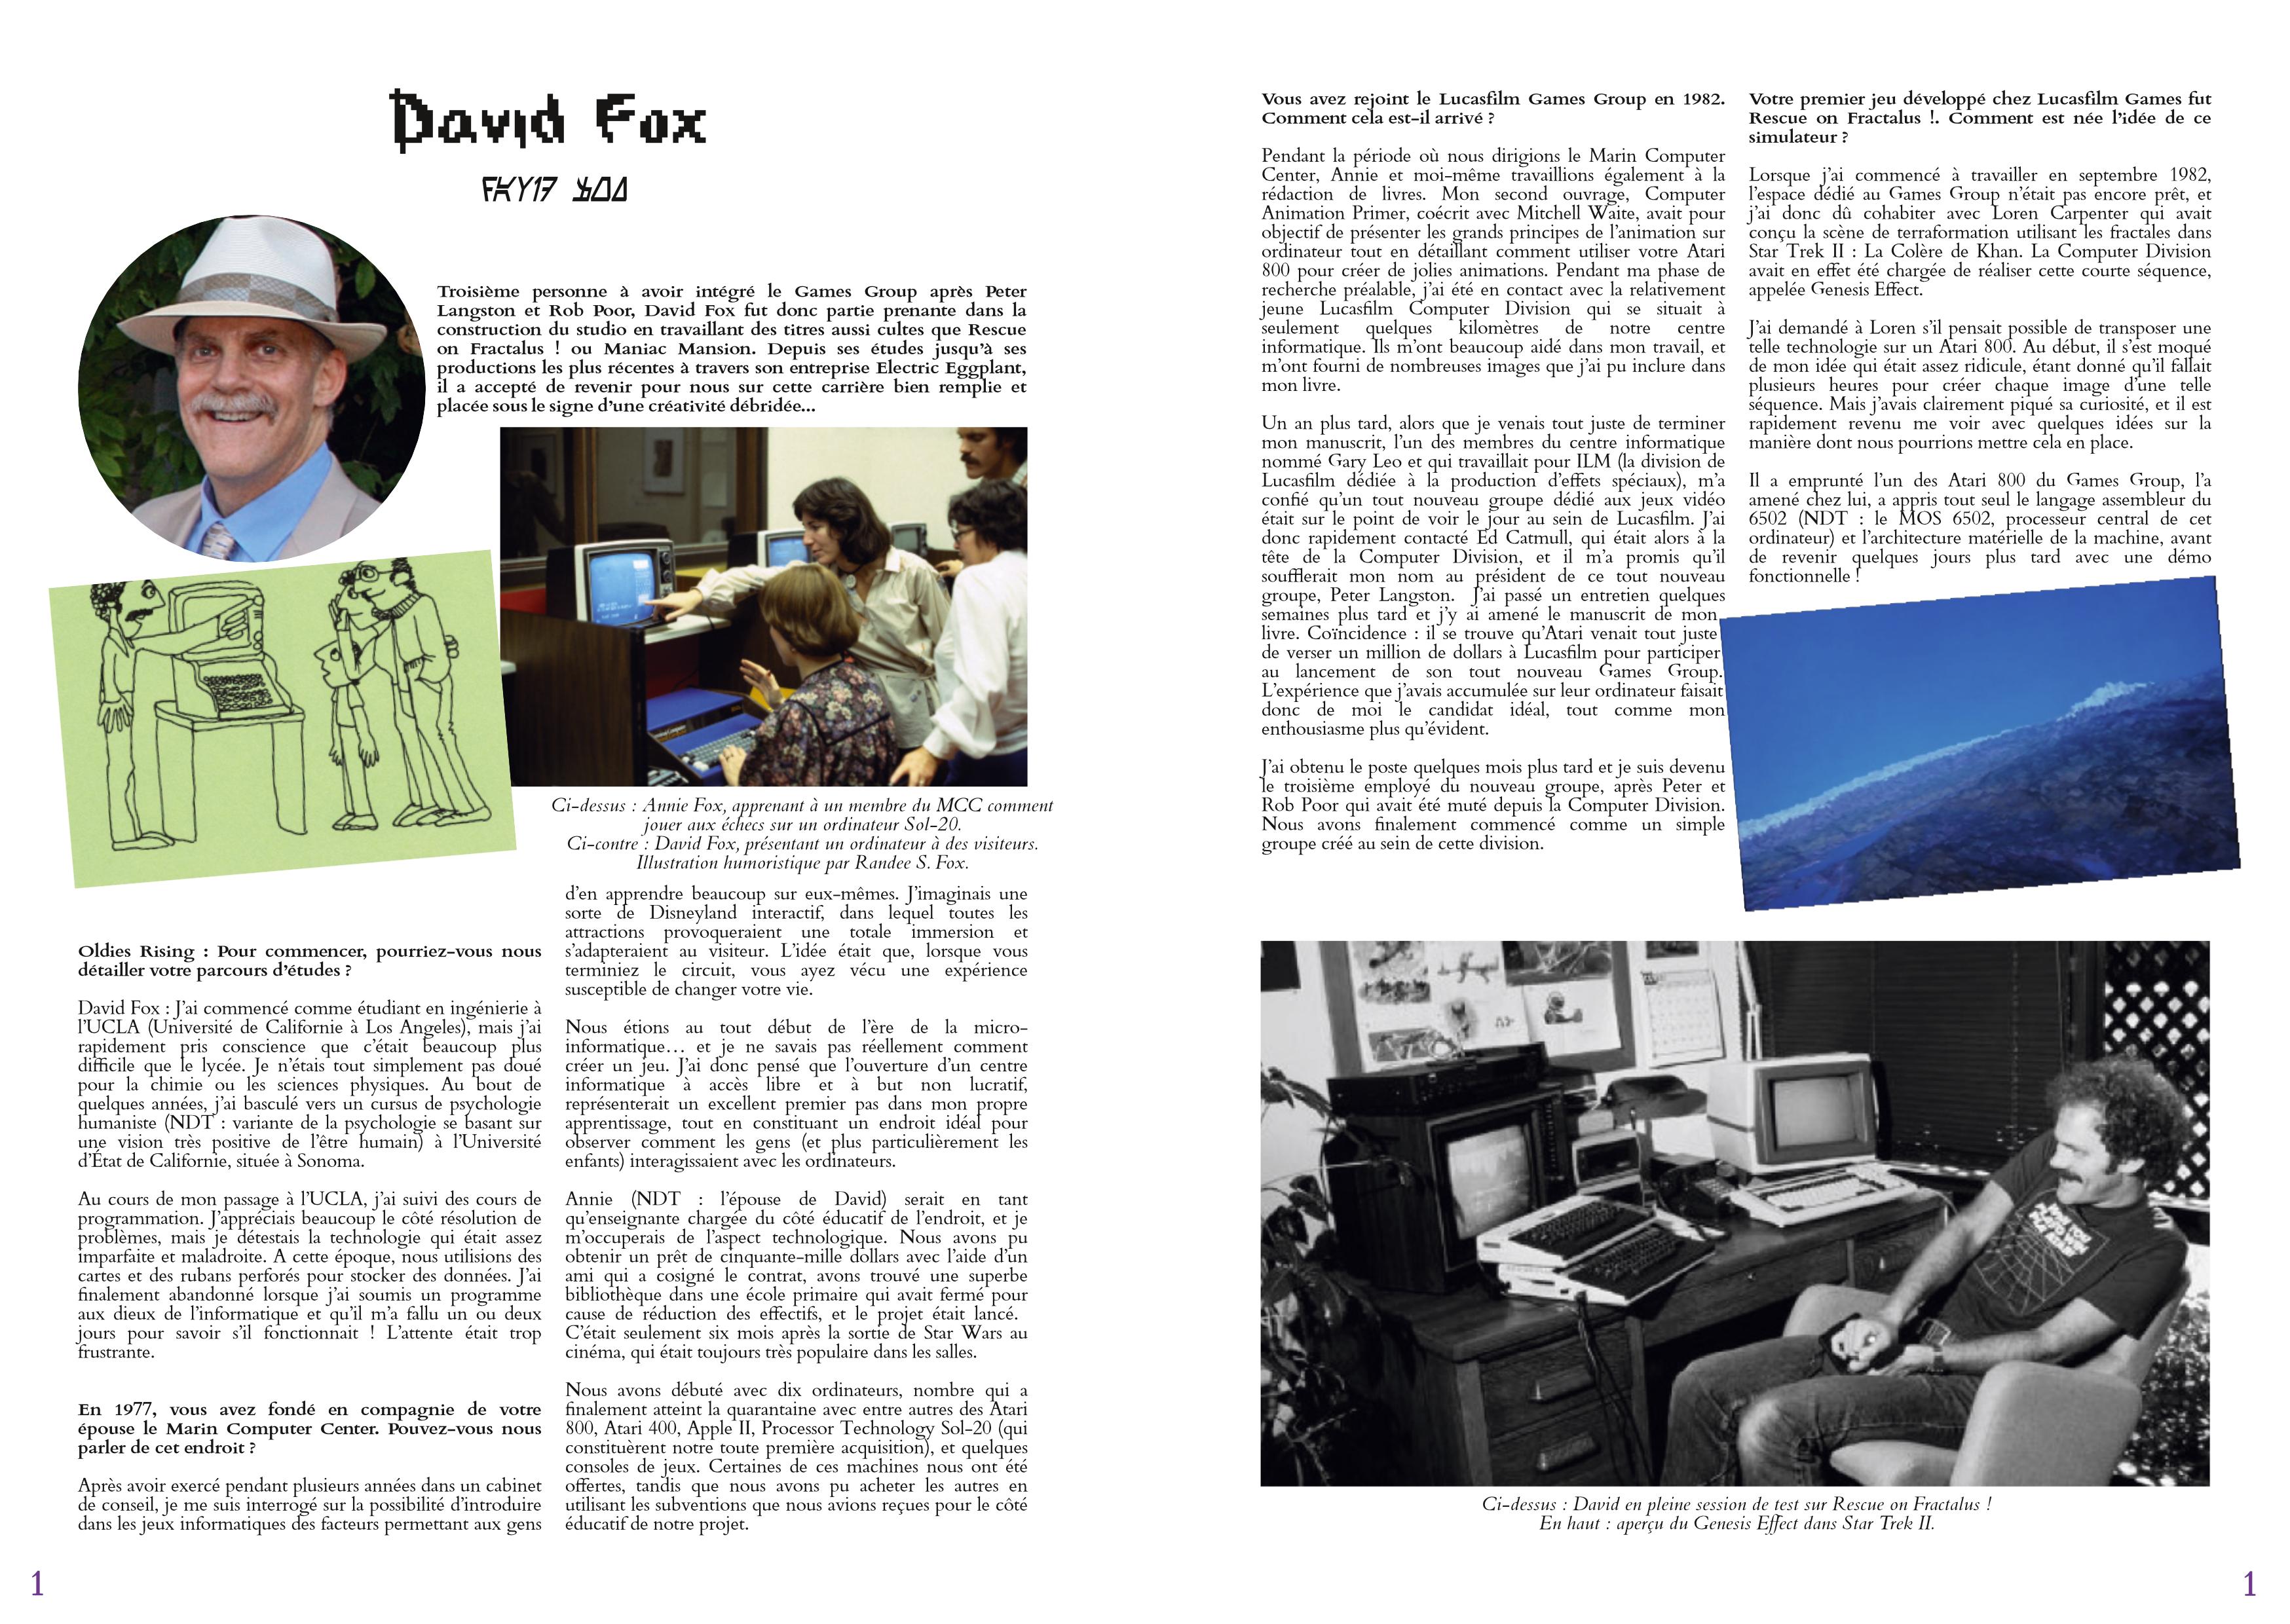 LucasArts les chroniques extrait Interviw David Fox